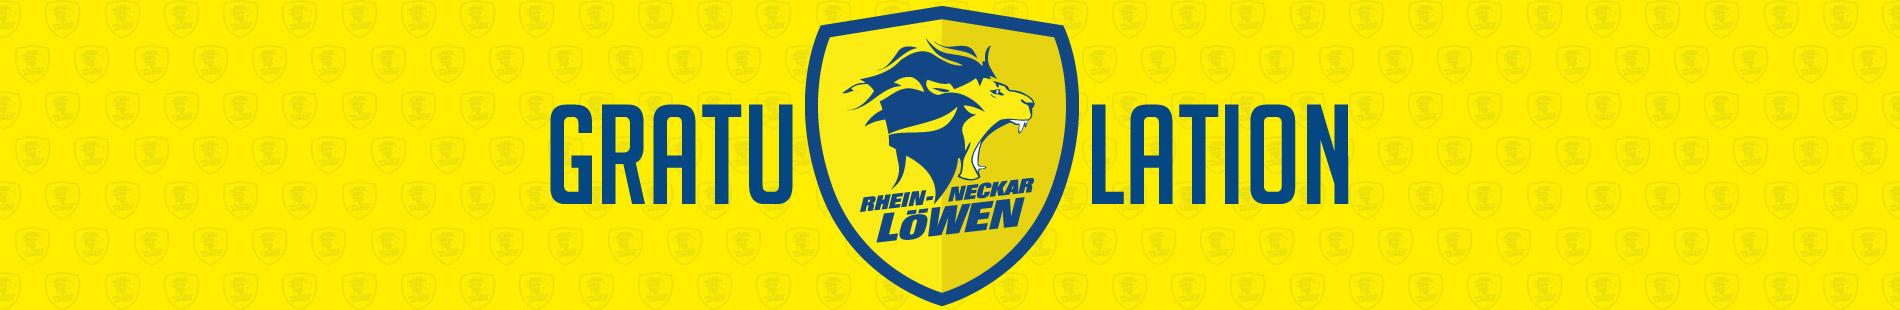 OHRpheus gratuliert den Rhein-Neckar Löwen zum Pokalsieg Sliderbild